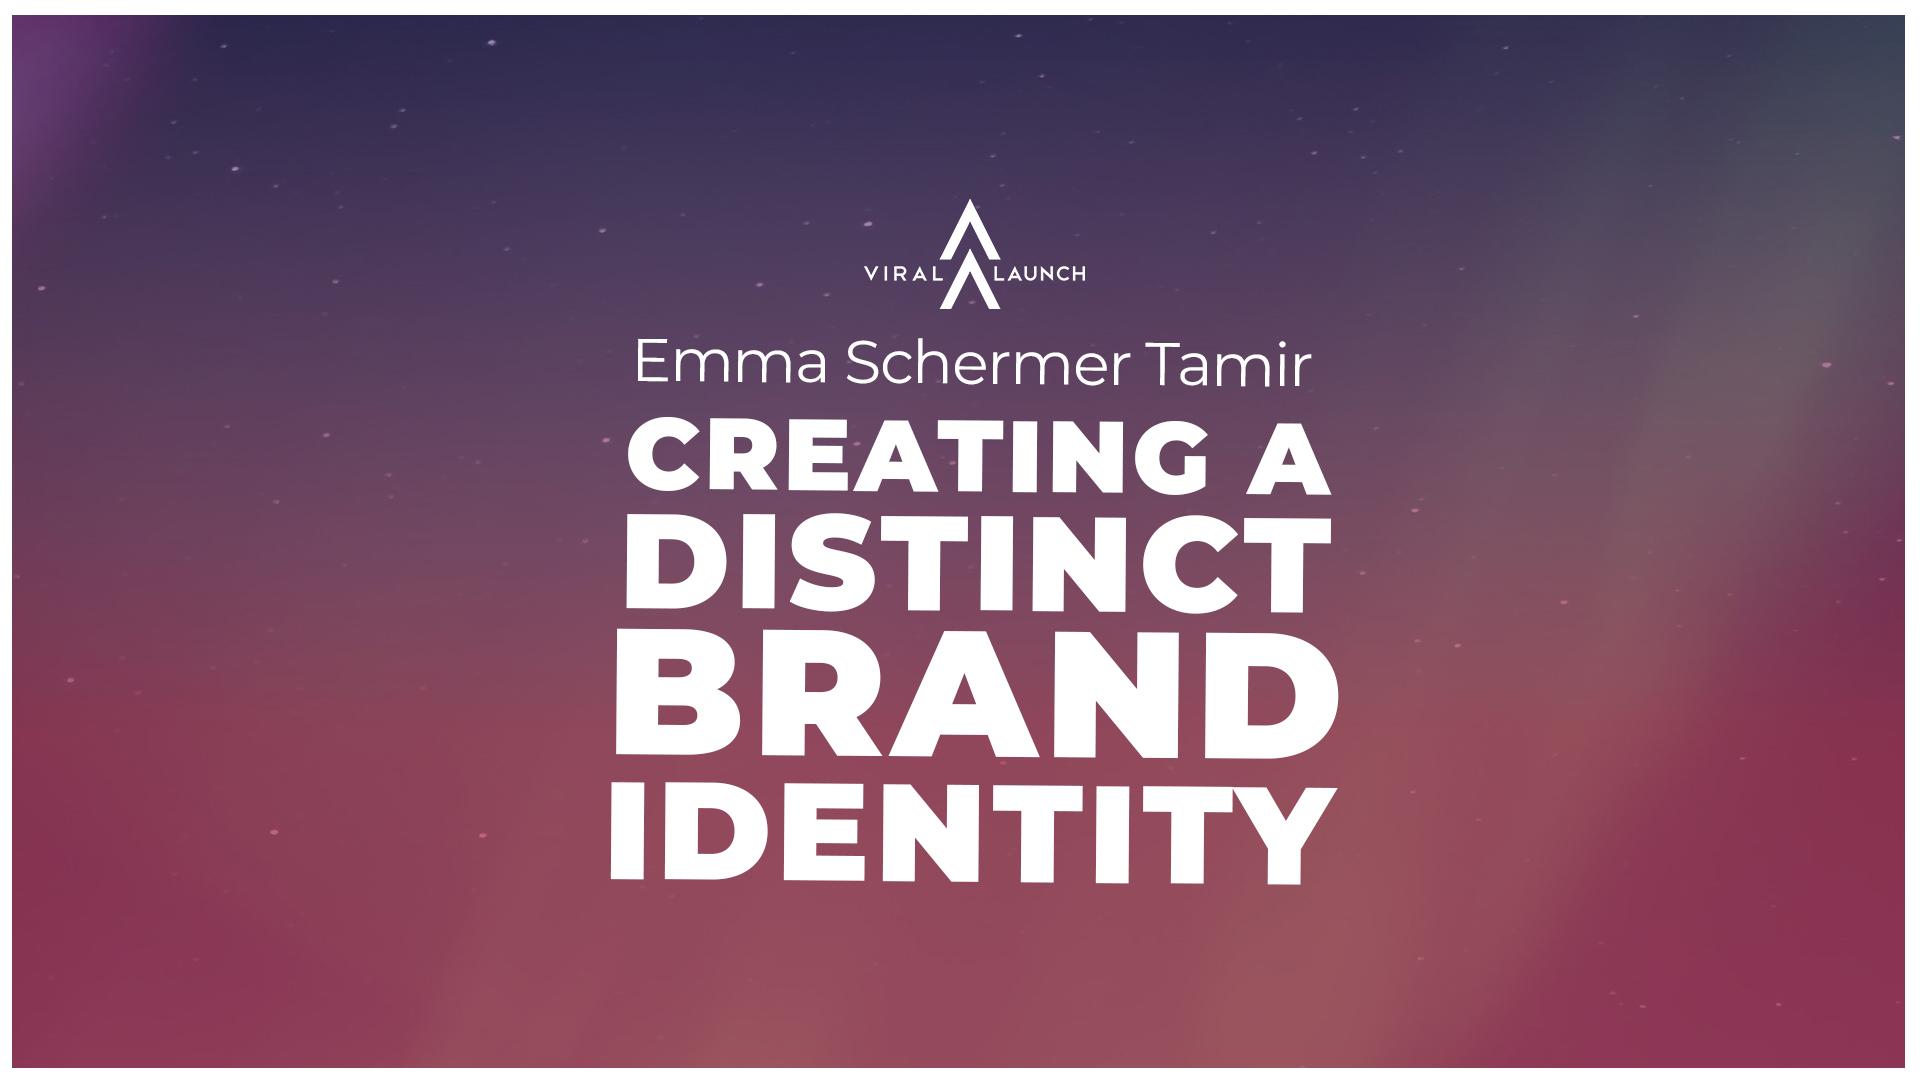 creating a distinct brand identity with emma schermer tamir